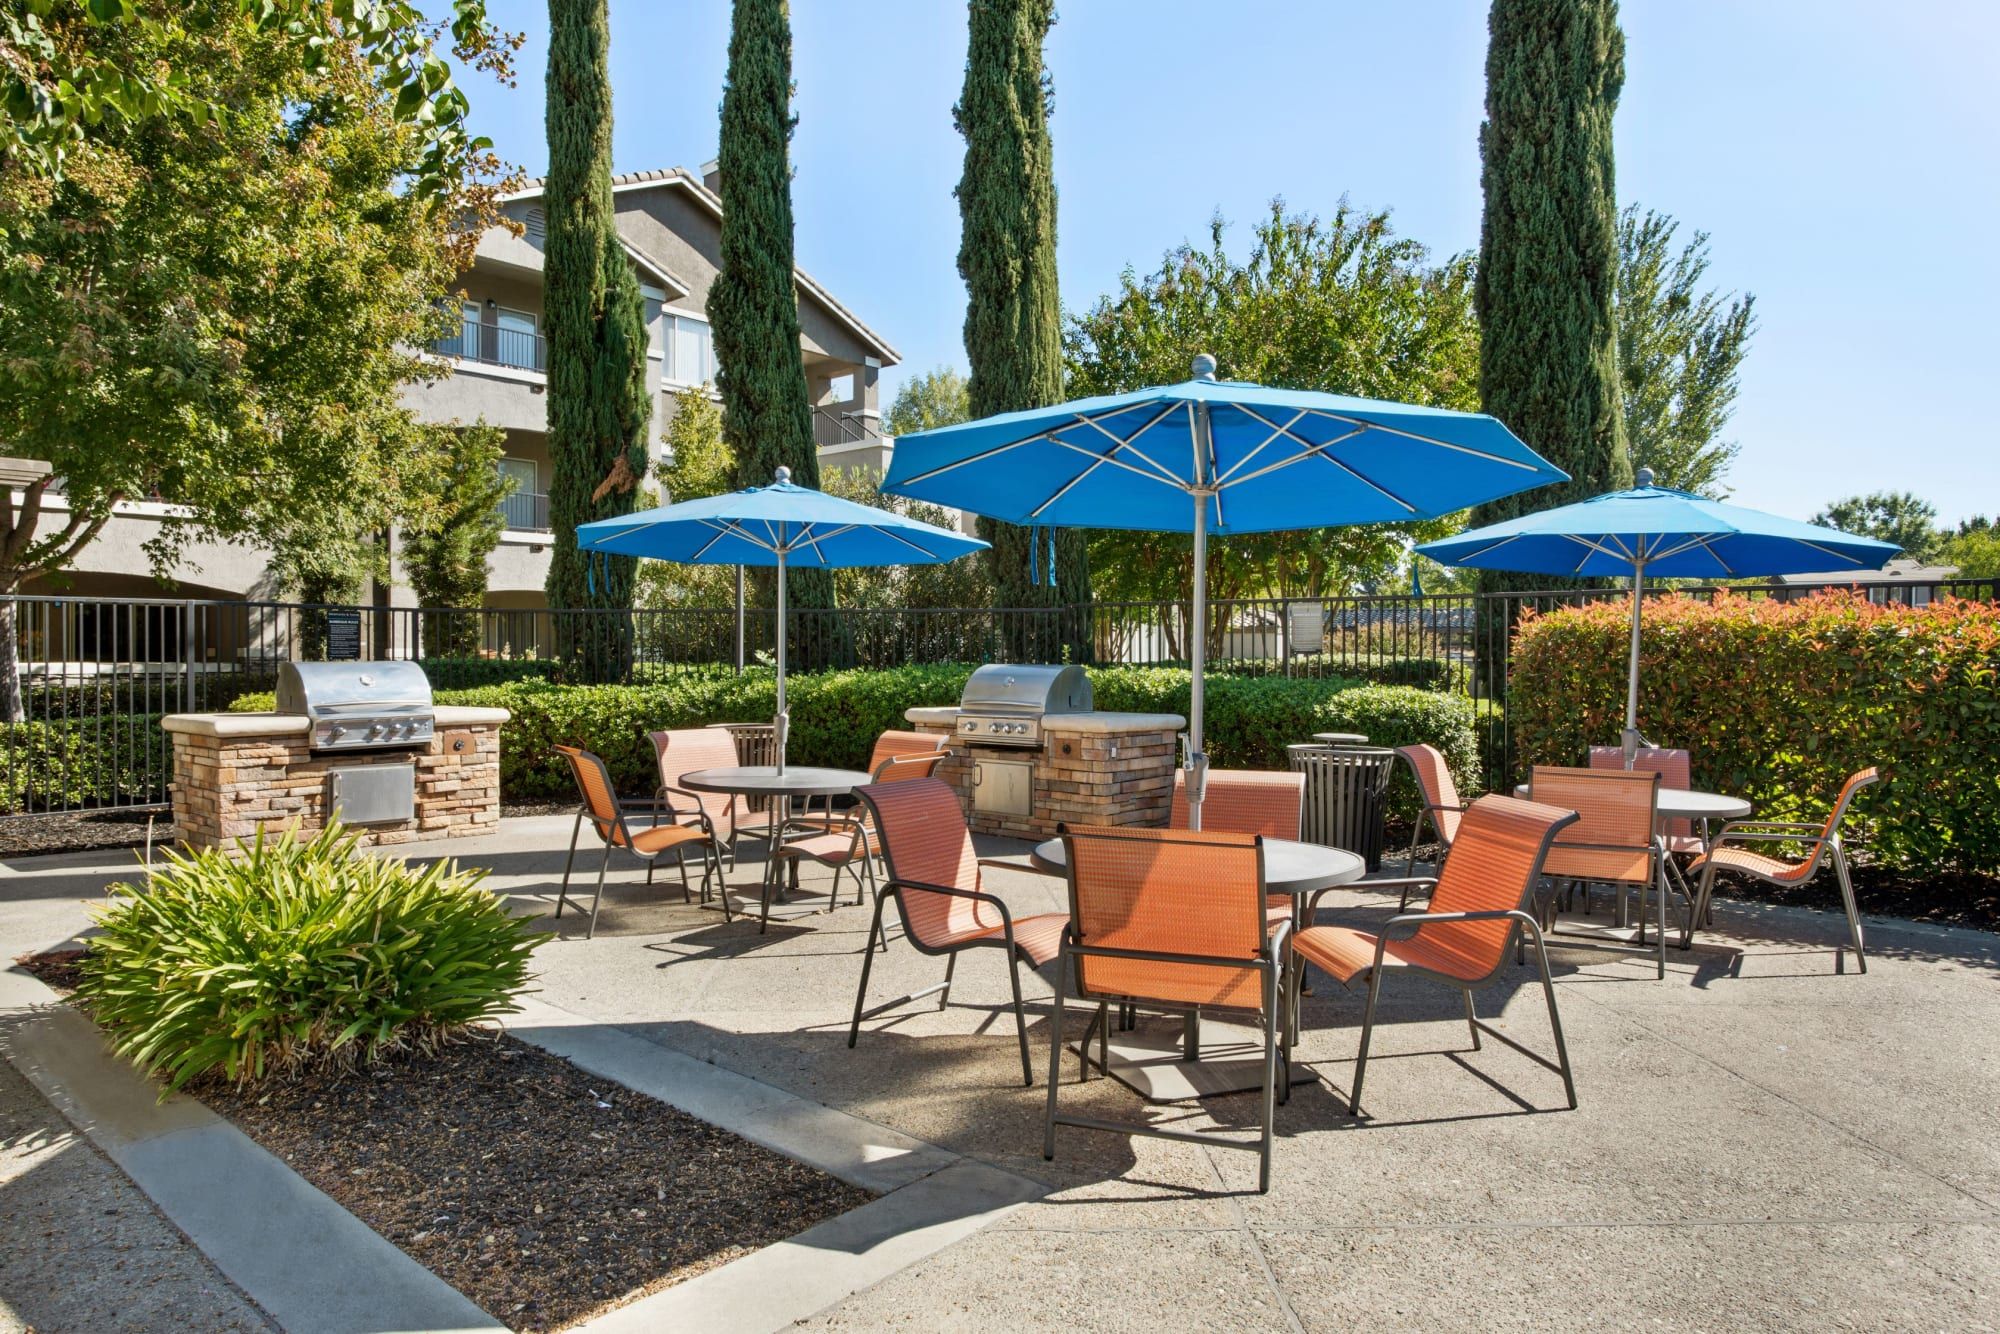 BBQ area at Miramonte and Trovas in Sacramento, California